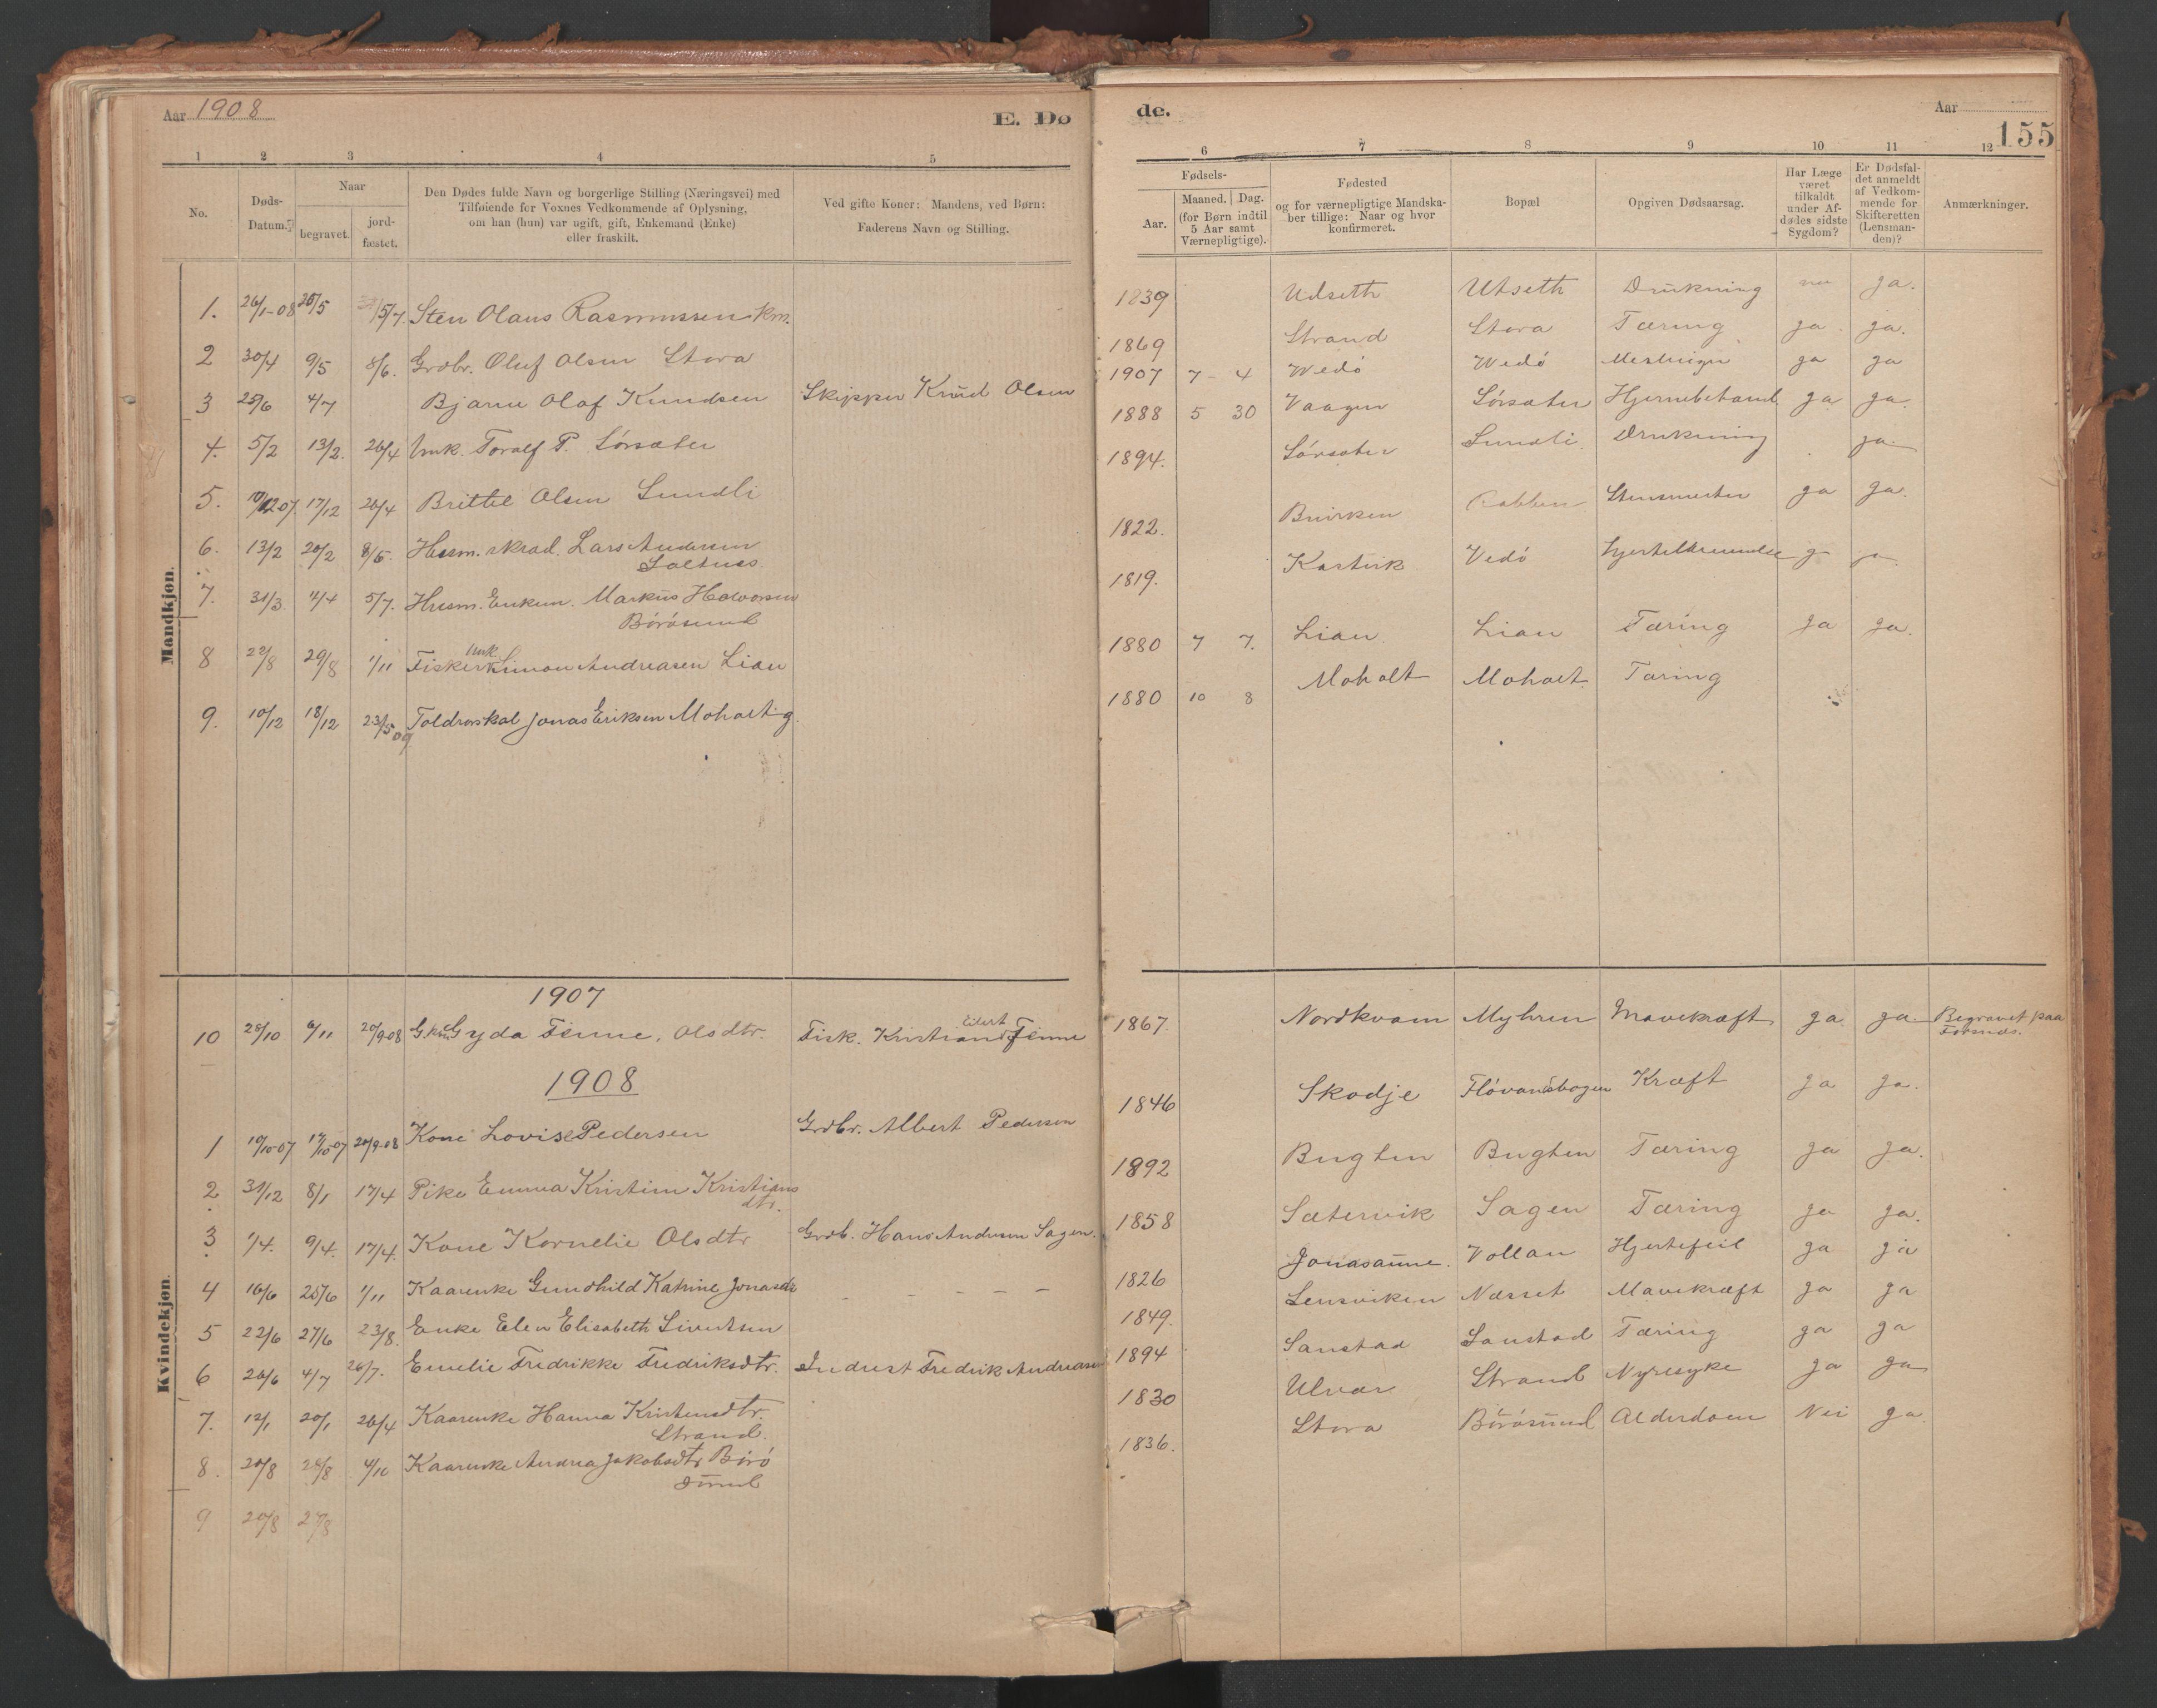 SAT, Ministerialprotokoller, klokkerbøker og fødselsregistre - Sør-Trøndelag, 639/L0572: Ministerialbok nr. 639A01, 1890-1920, s. 155